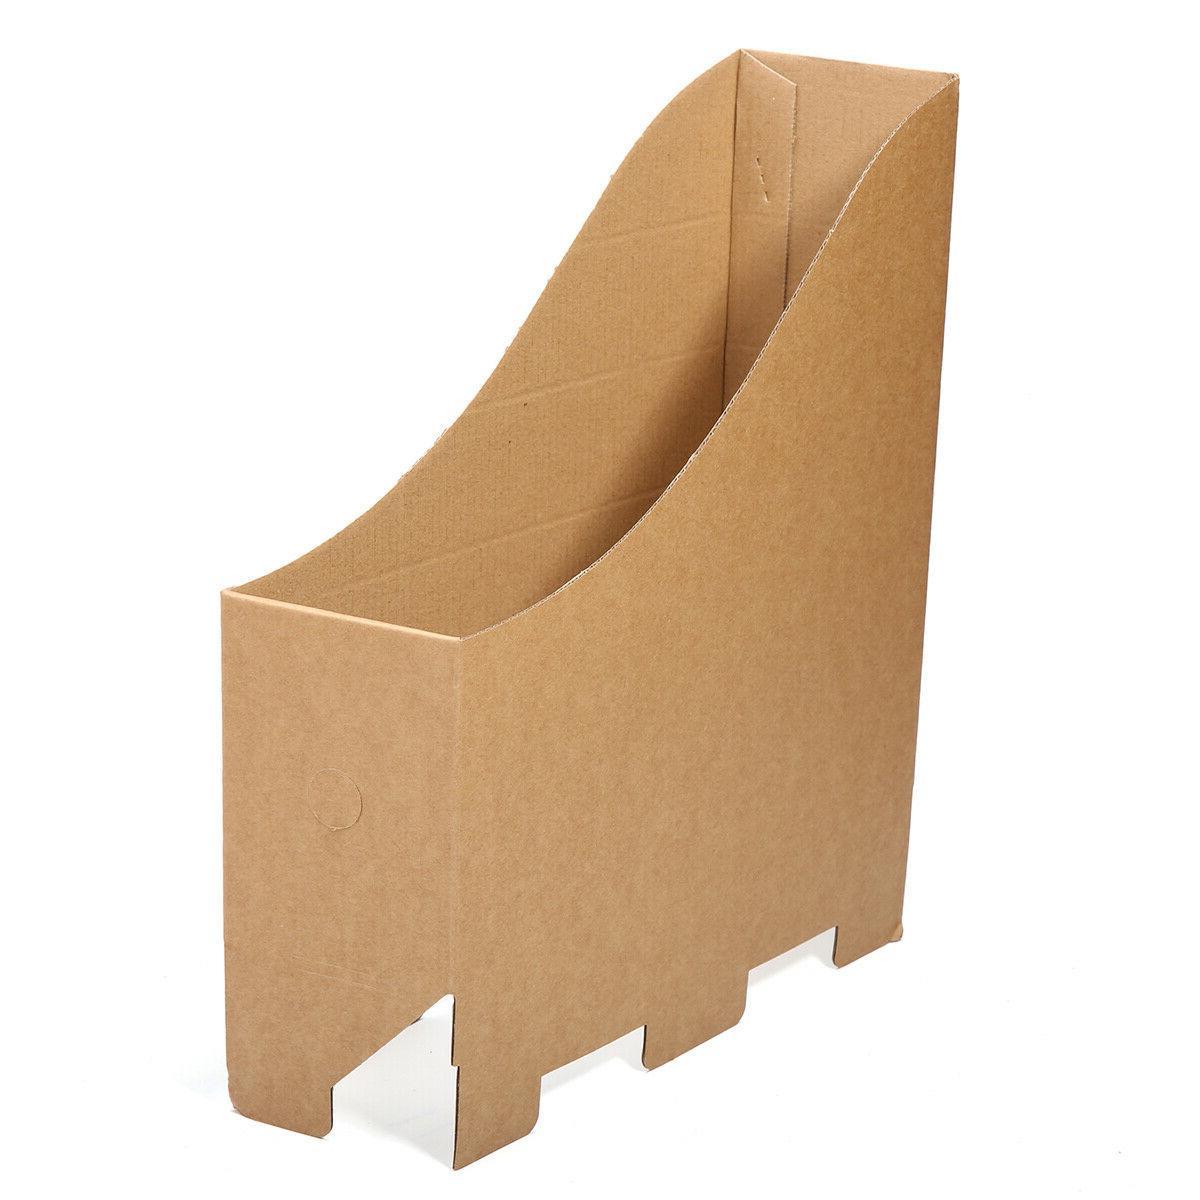 5pcs File Box Folder Paper Table Storage for